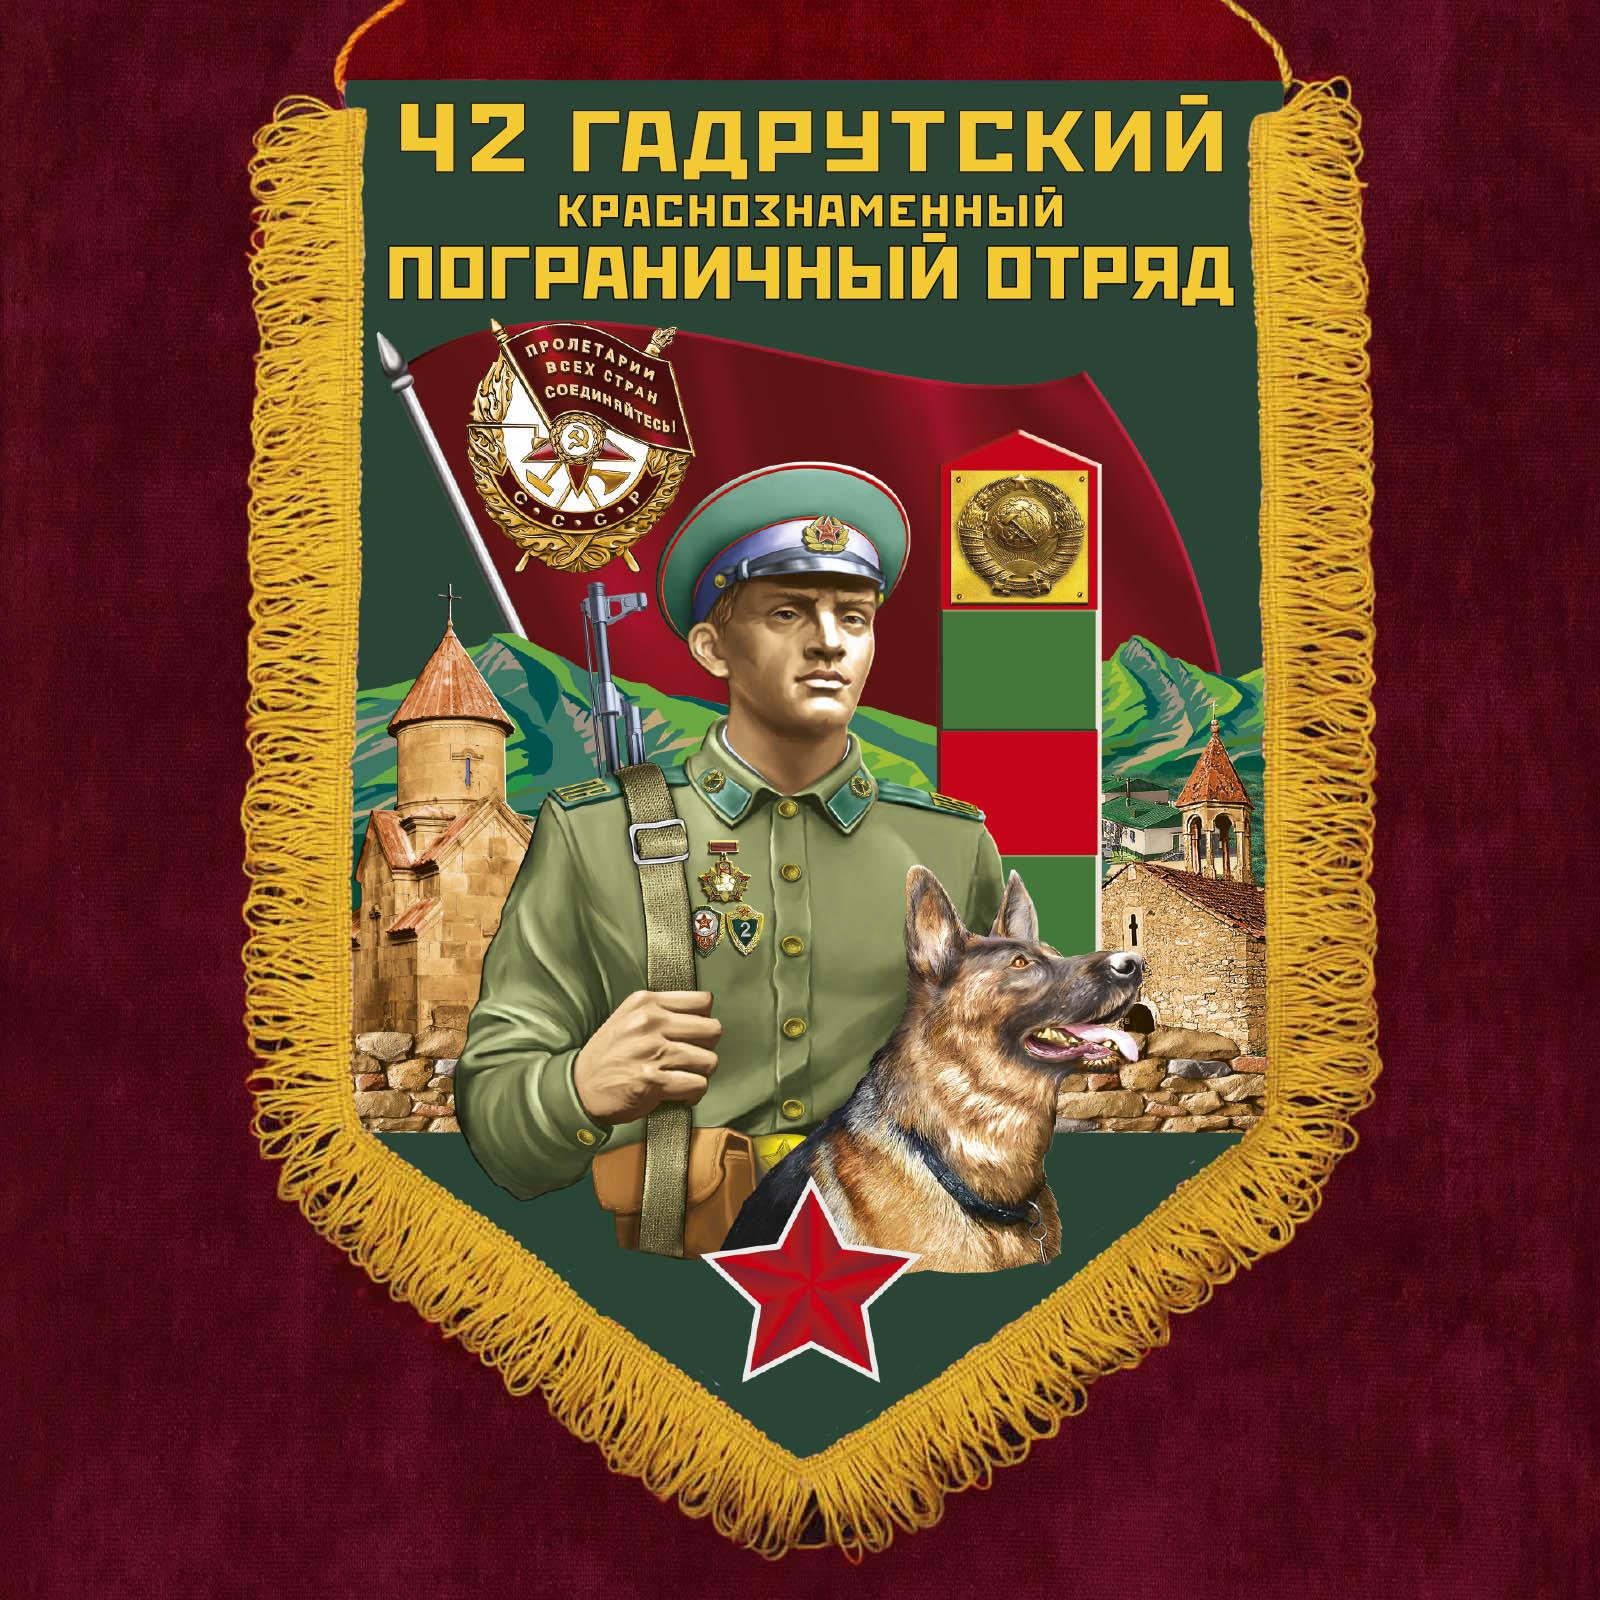 """Подарочный вымпел """"42 Гадрутский пограничный отряд"""""""